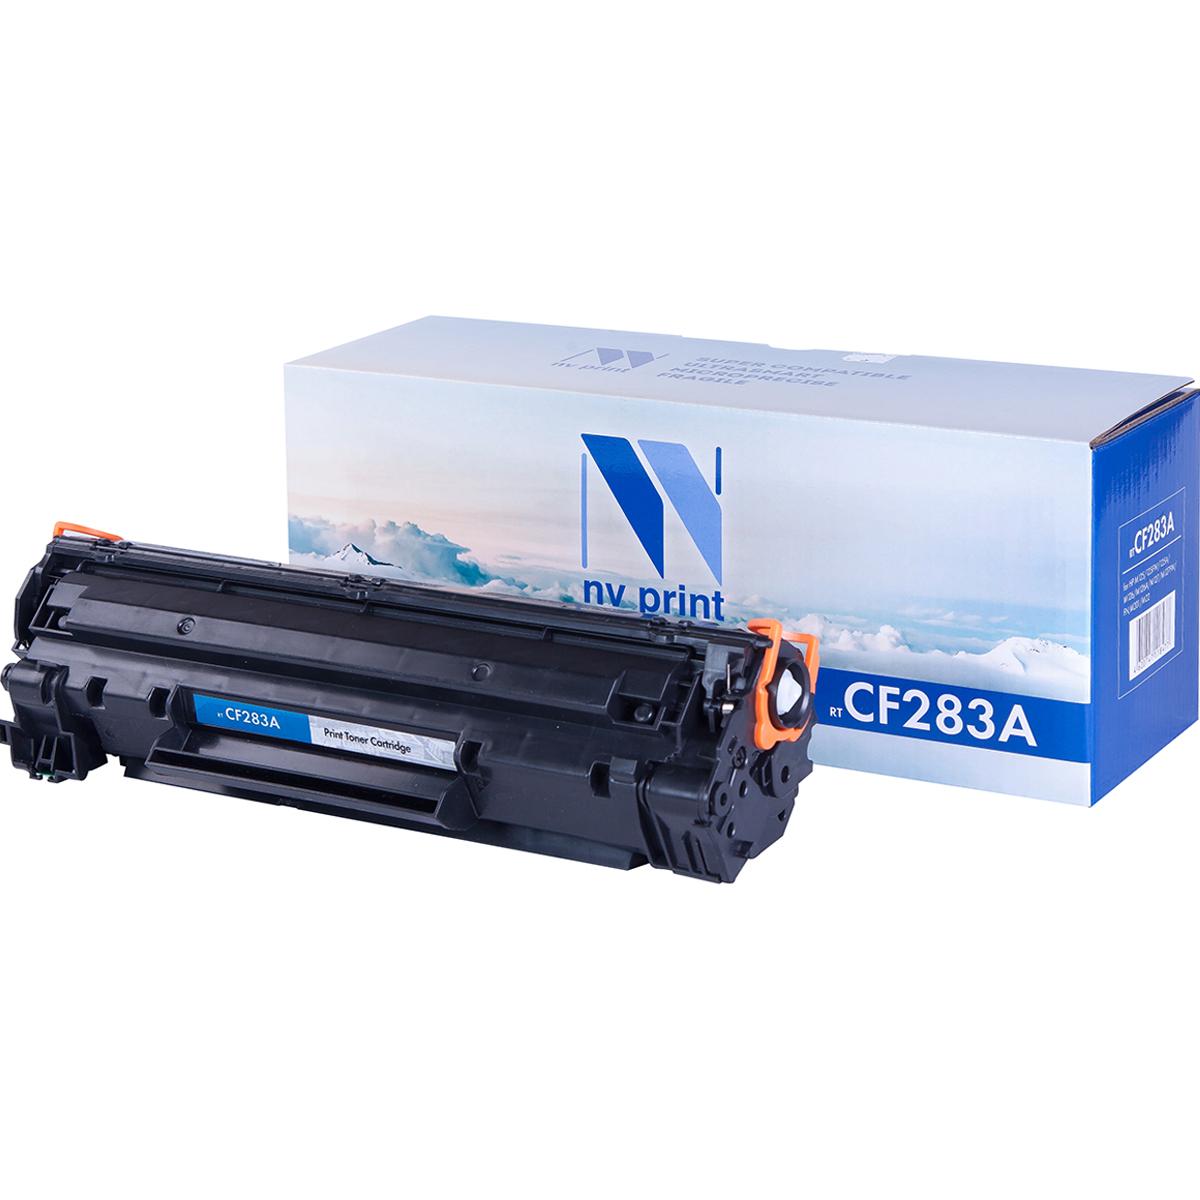 Тонер-картридж NV Print CF283A, черный, для лазерного принтера, совместимый